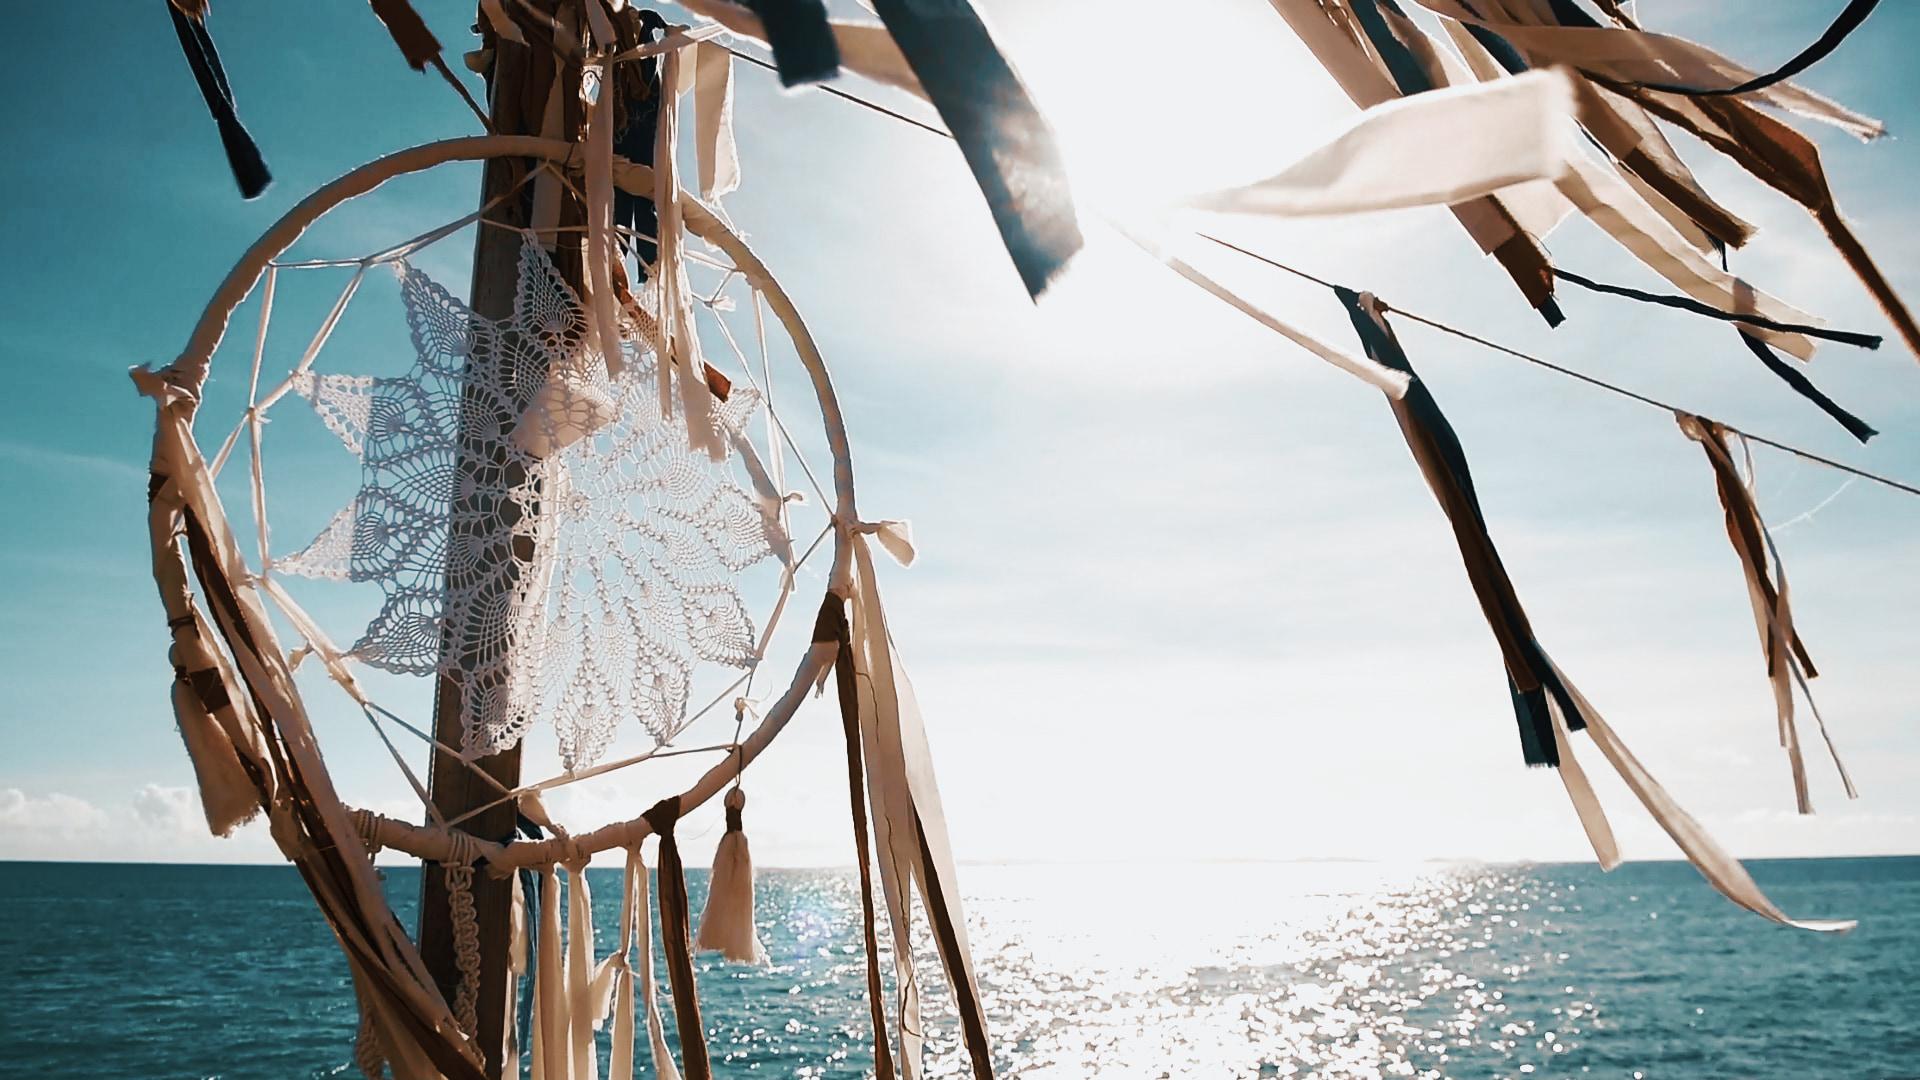 沖縄、美らSUNビーチで15,000人が音楽に酔いしれる【CORONA SUNSET FESTIVAL 2017】